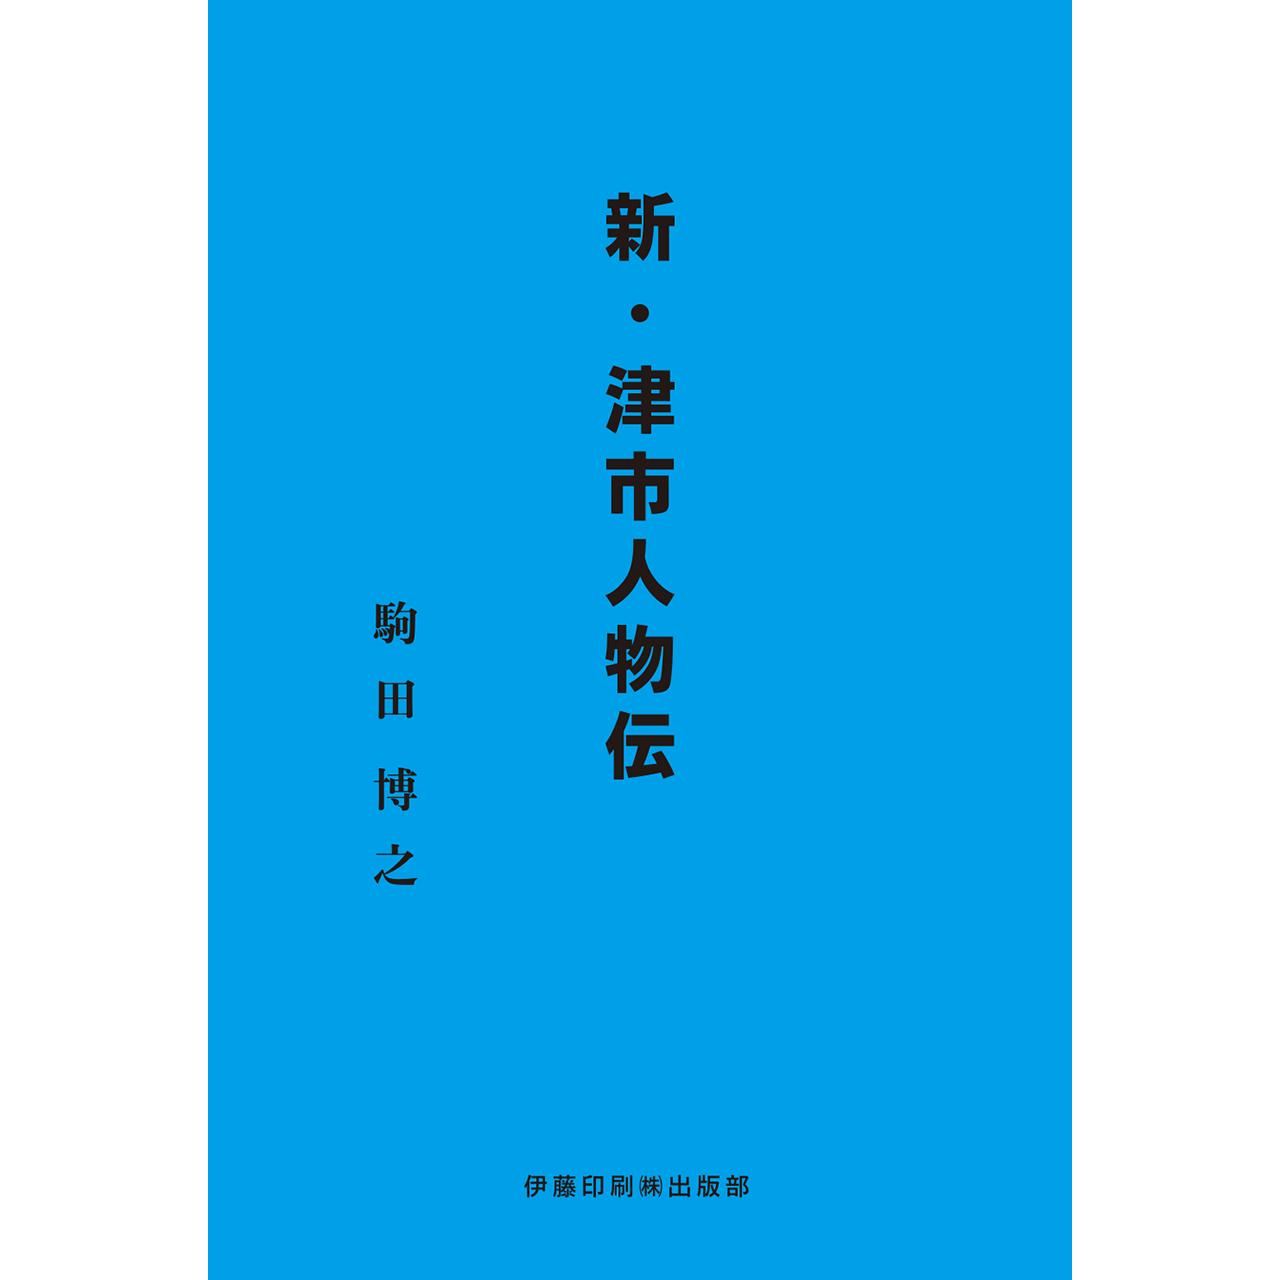 【書籍】新・津市人物伝